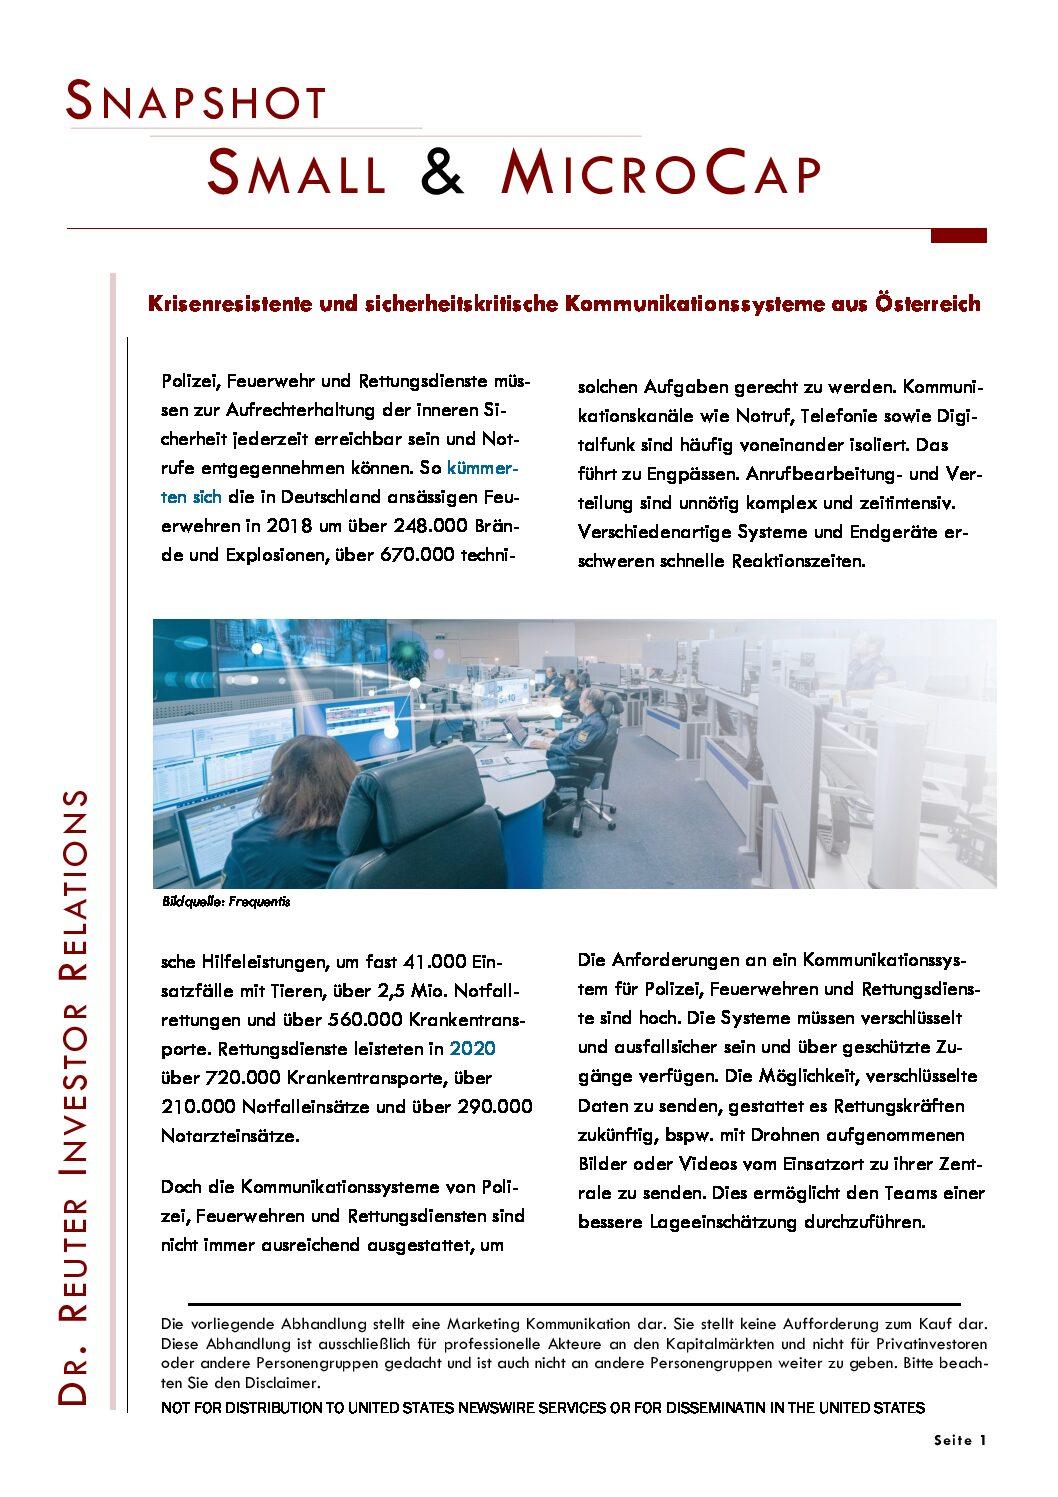 Snapshot 26.03.2021 Frequentis: Krisenresistente und sicherheitskritische Kommunikationssysteme aus Österreich